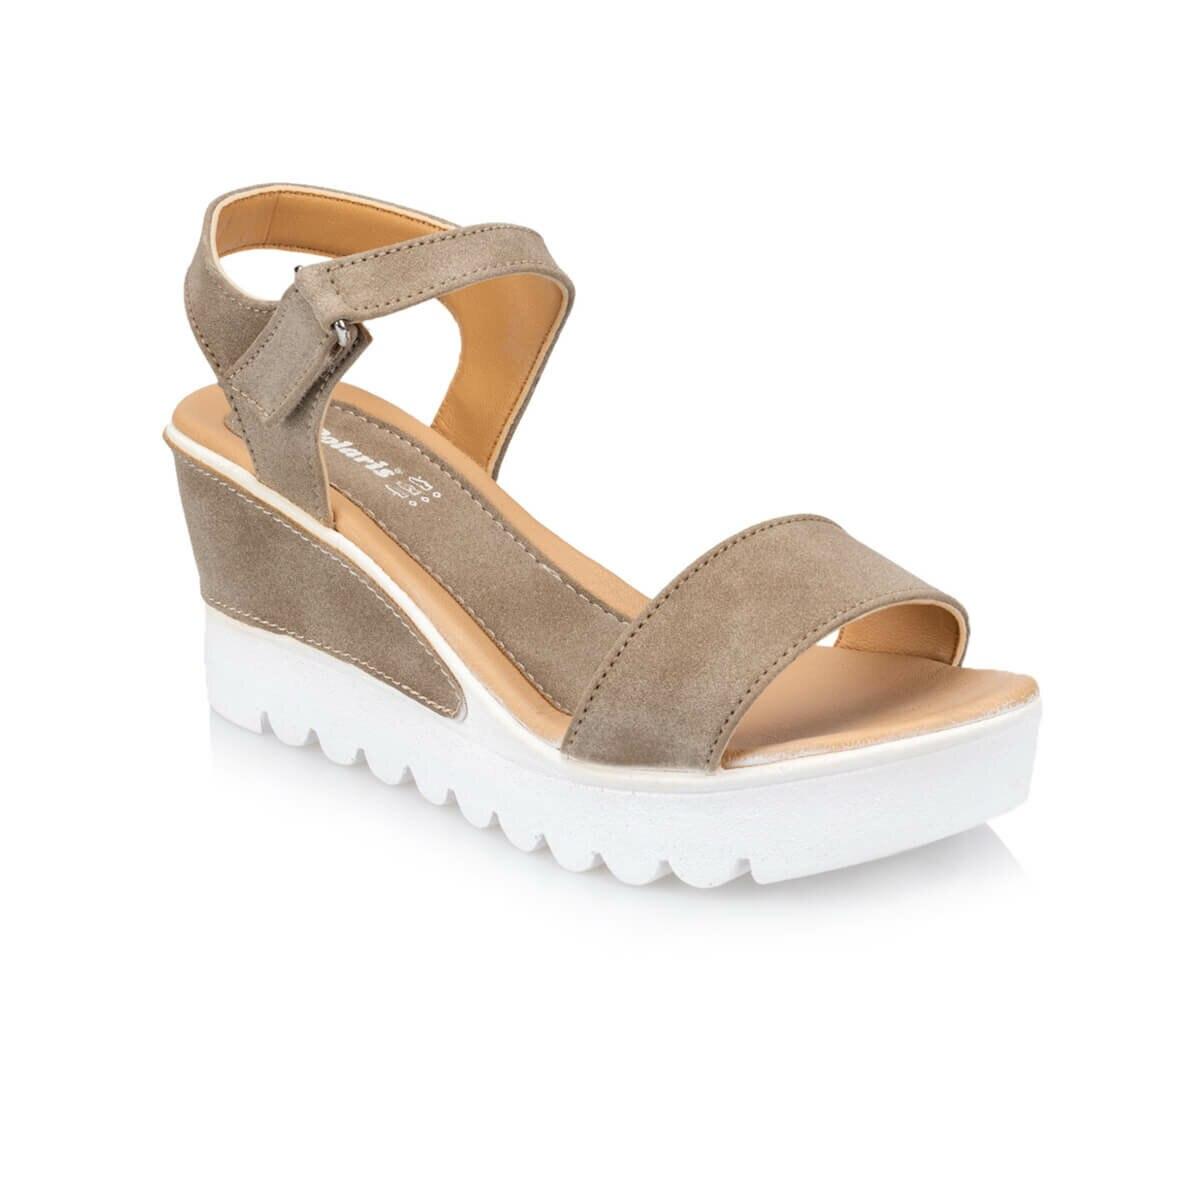 FLO Women's Sandals Summer Sandals Wedge Sandals Women 2020 Shoes Woman Polaris 91. 309983.Z Mink